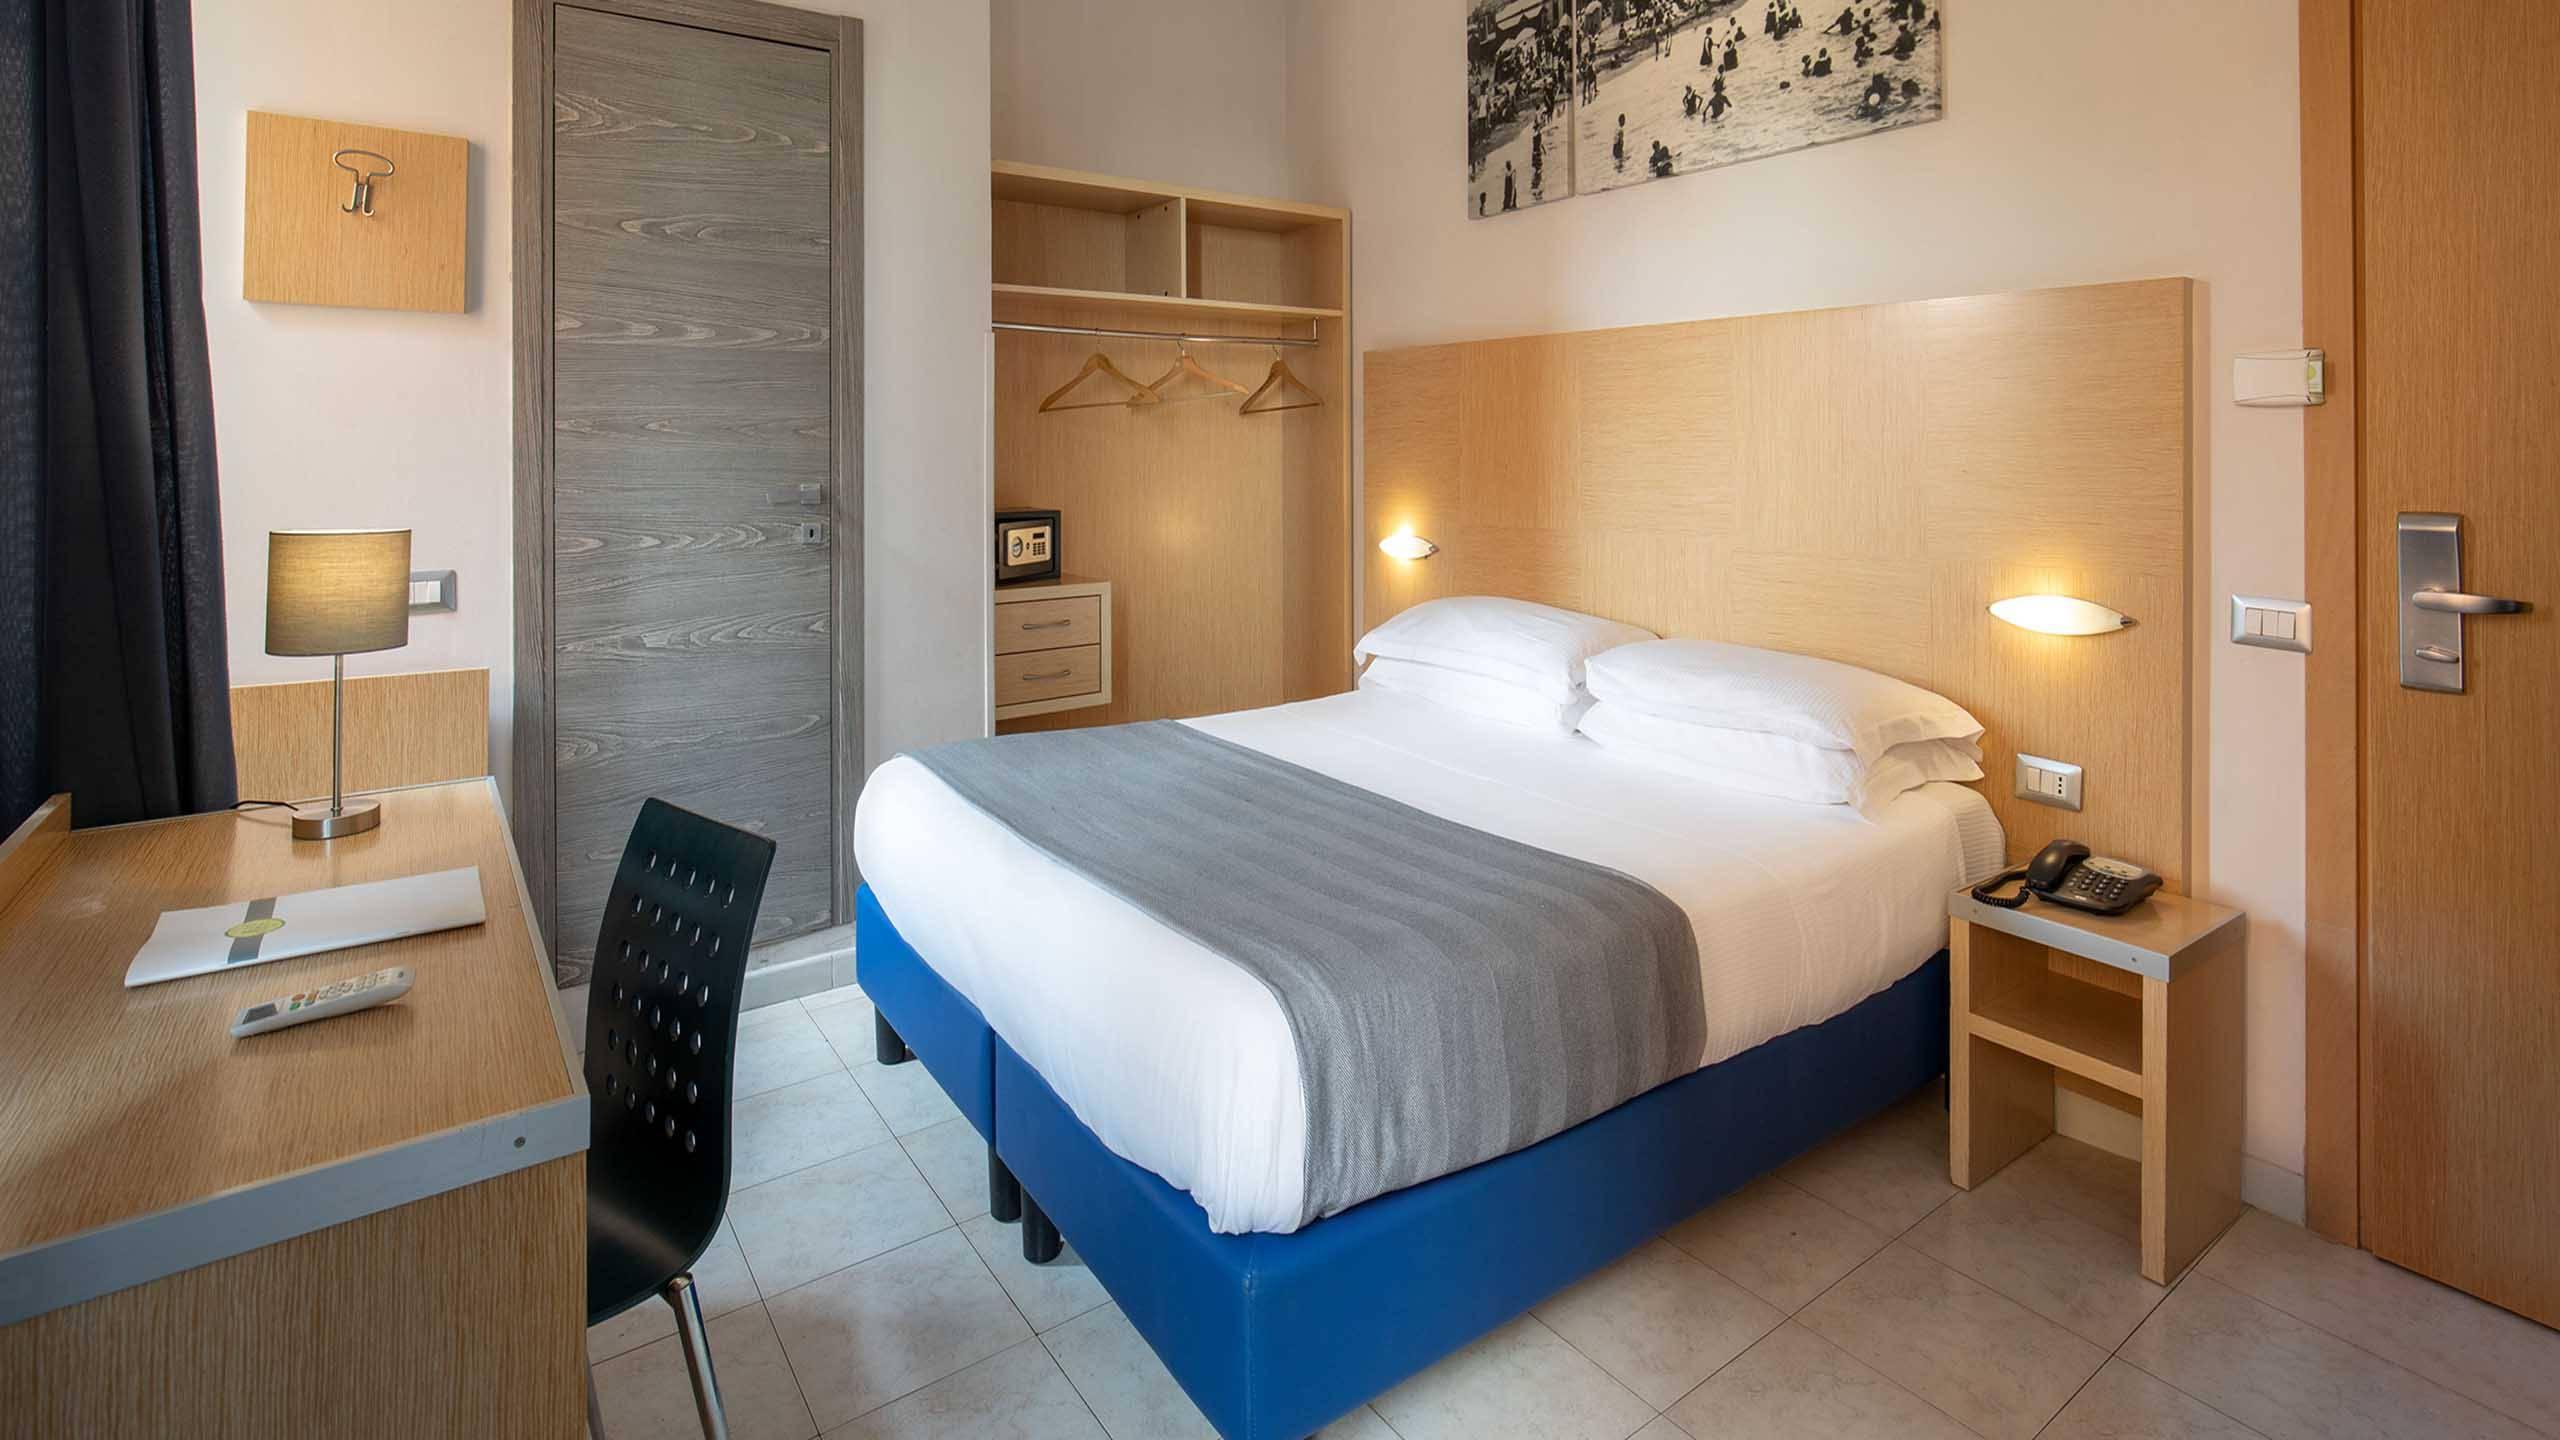 Hotel-La-Scaletta-Ostia-Camera-Doppia-9